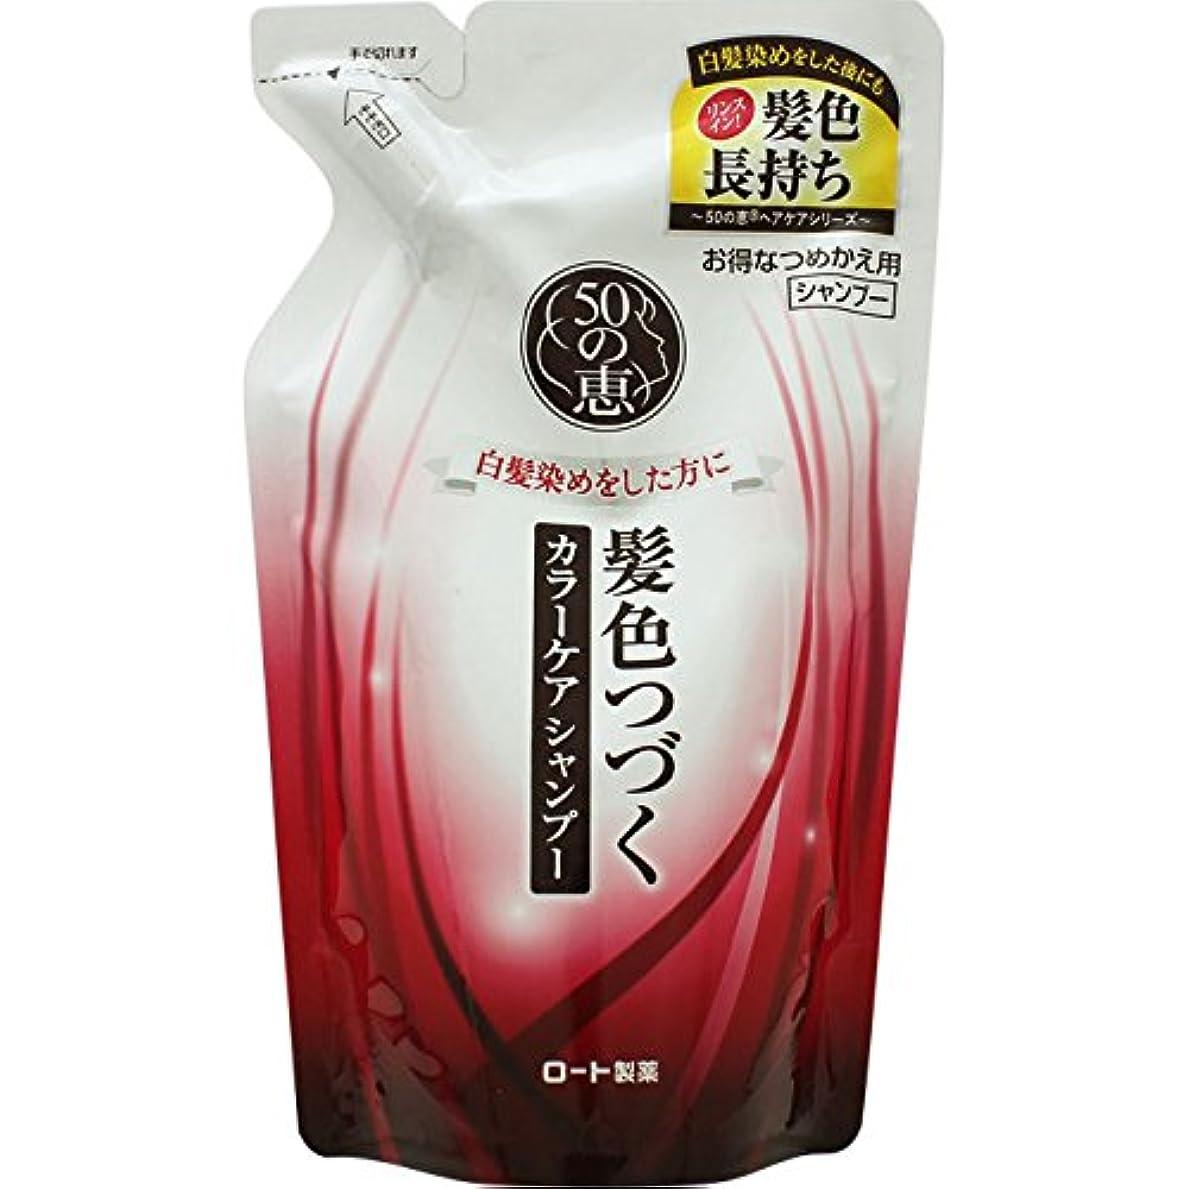 休憩やむを得ない超えてロート製薬 50の恵エイジングケア カラーケアシャンプー 詰替用 330mL